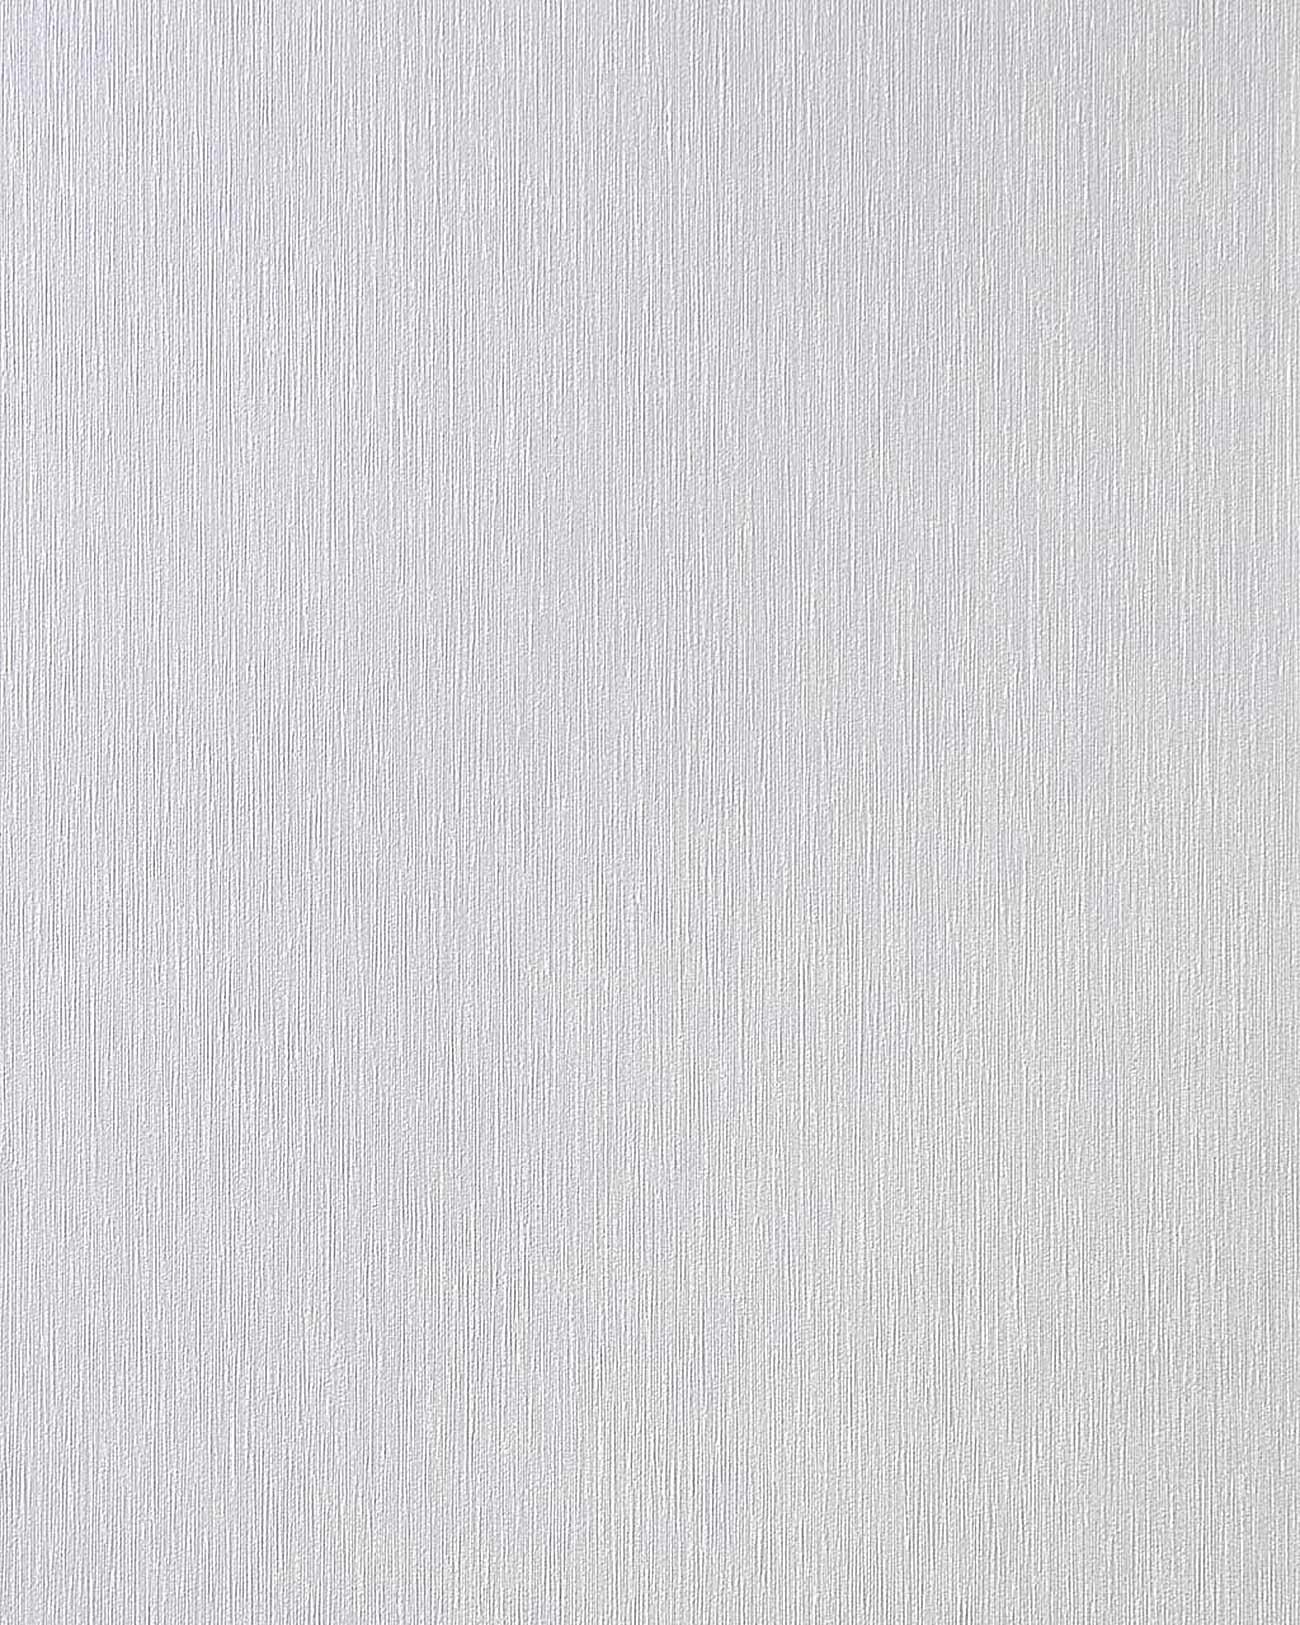 Papel pintado unicolor edem 141 06 monocr mo con textura a rayas en gris azulado violeta claro - Papel pintado con textura ...